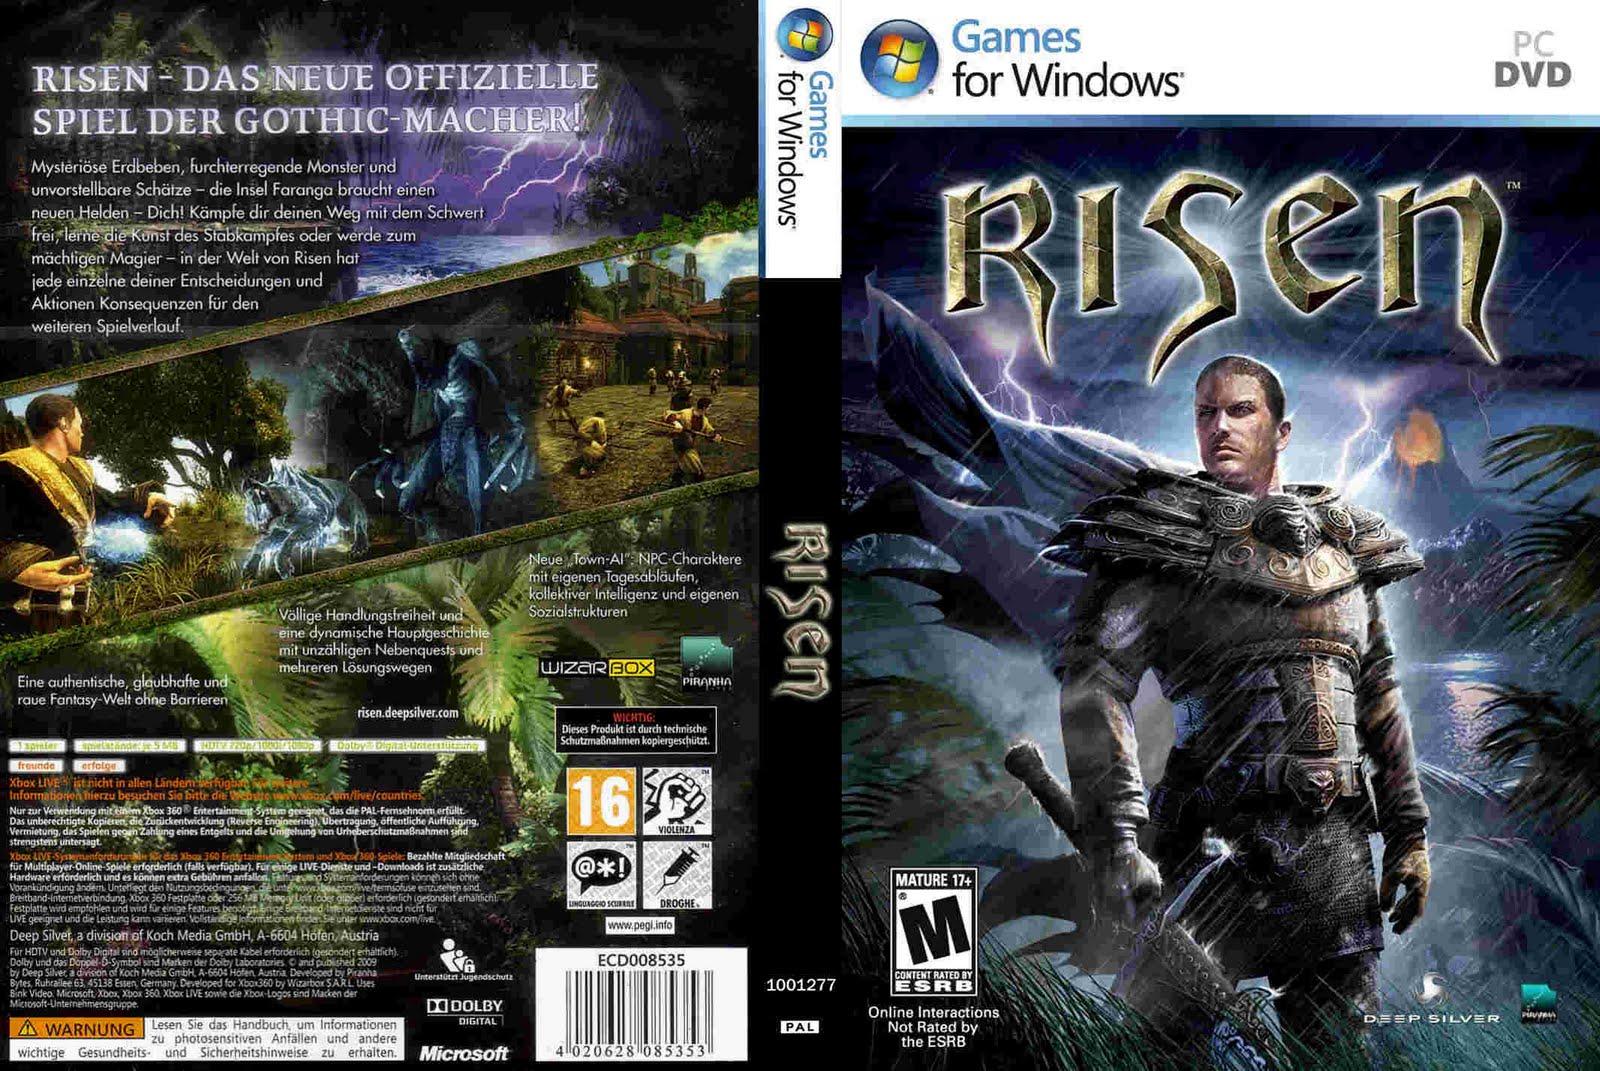 RISEN ~ BURSA GAME PC TERBARU, FAVORIT DAN POPULER